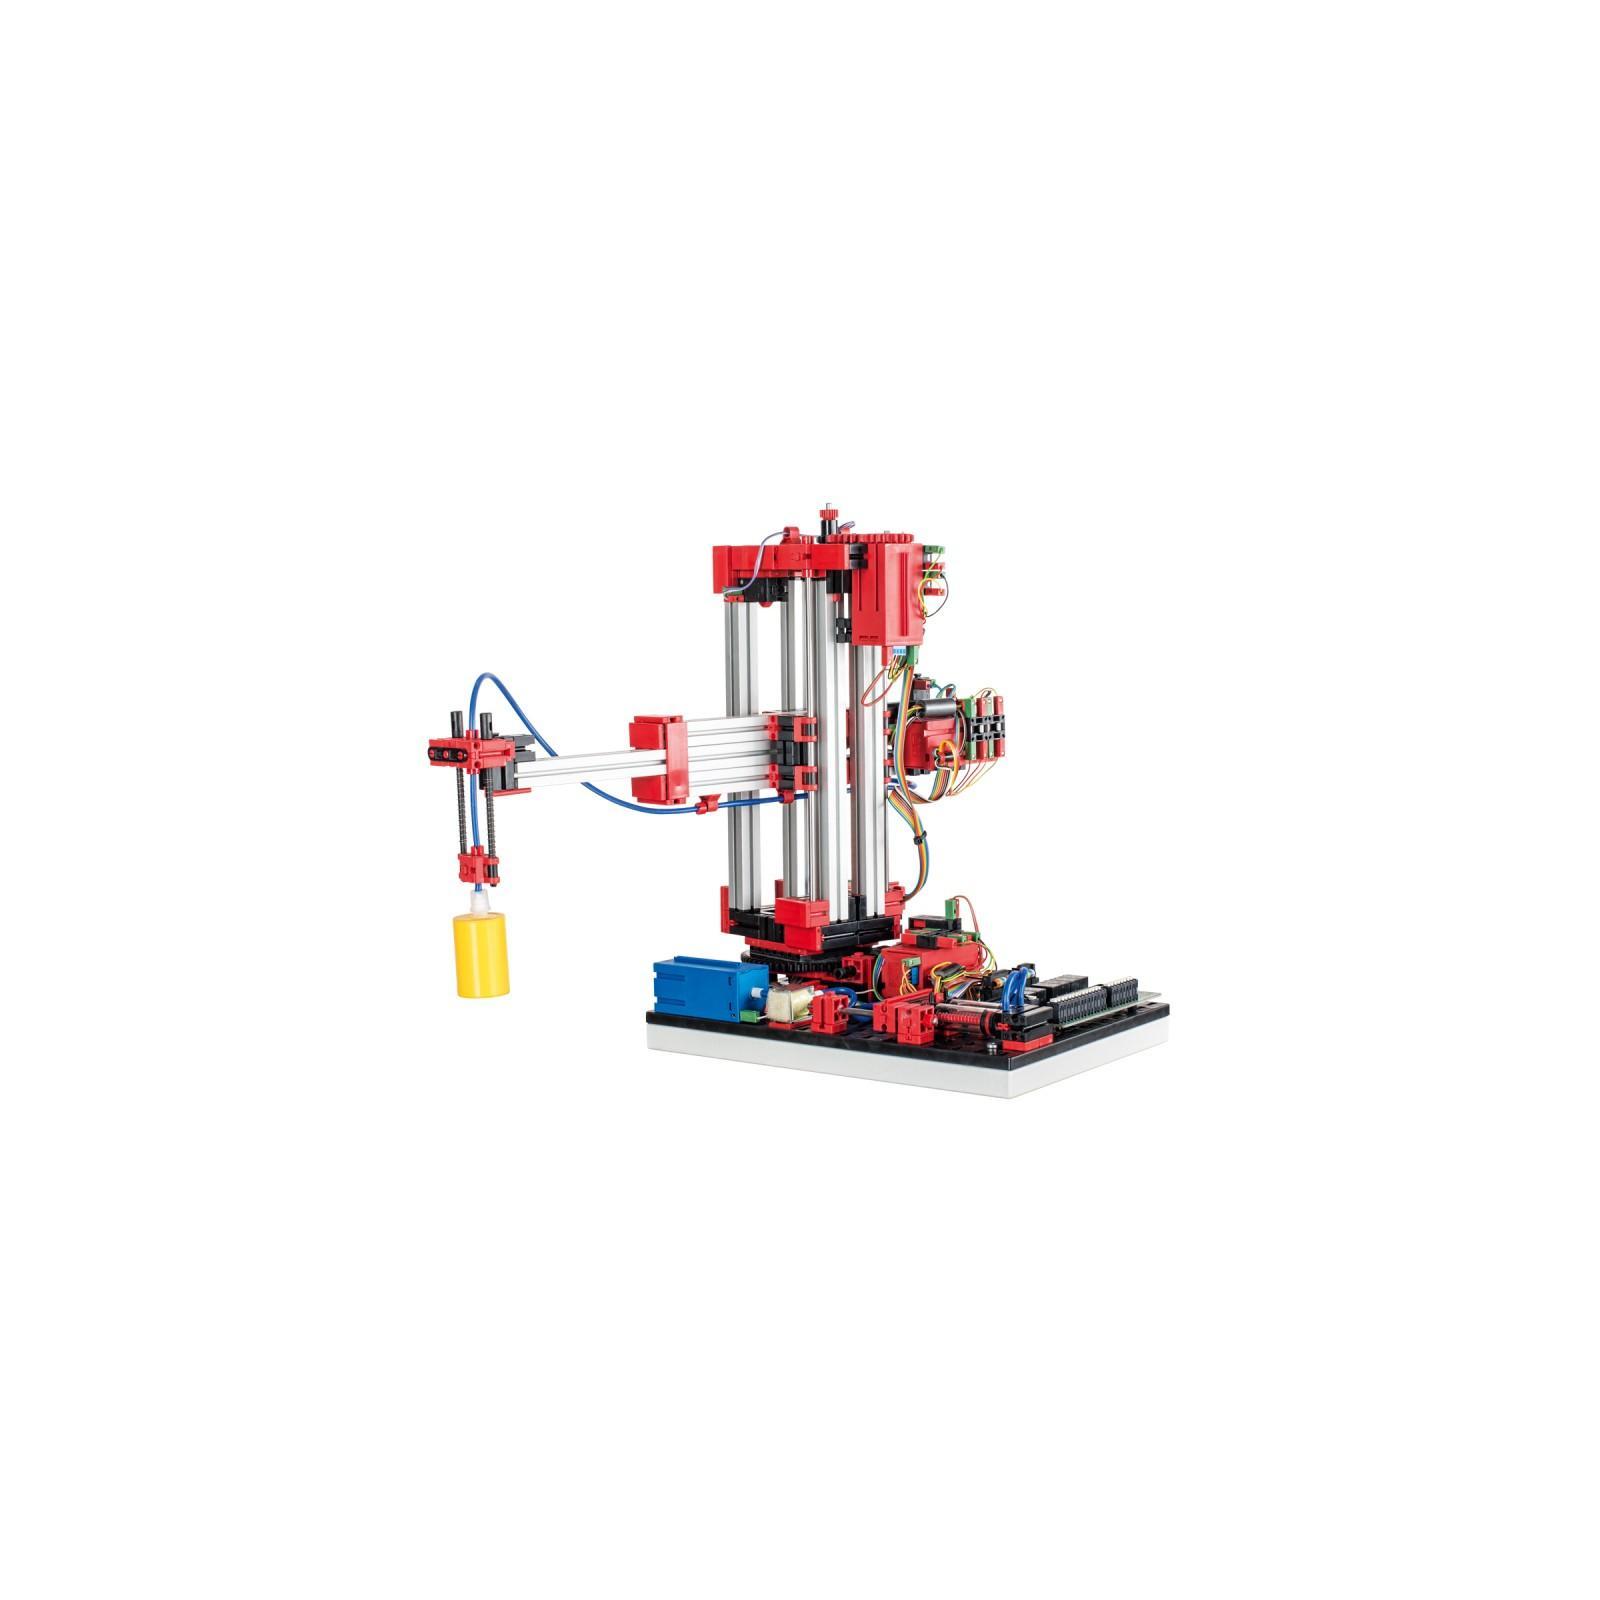 Робот Fisсhertechnik Trainingsmodelle вакуумний маніпулятор (FT-536625)